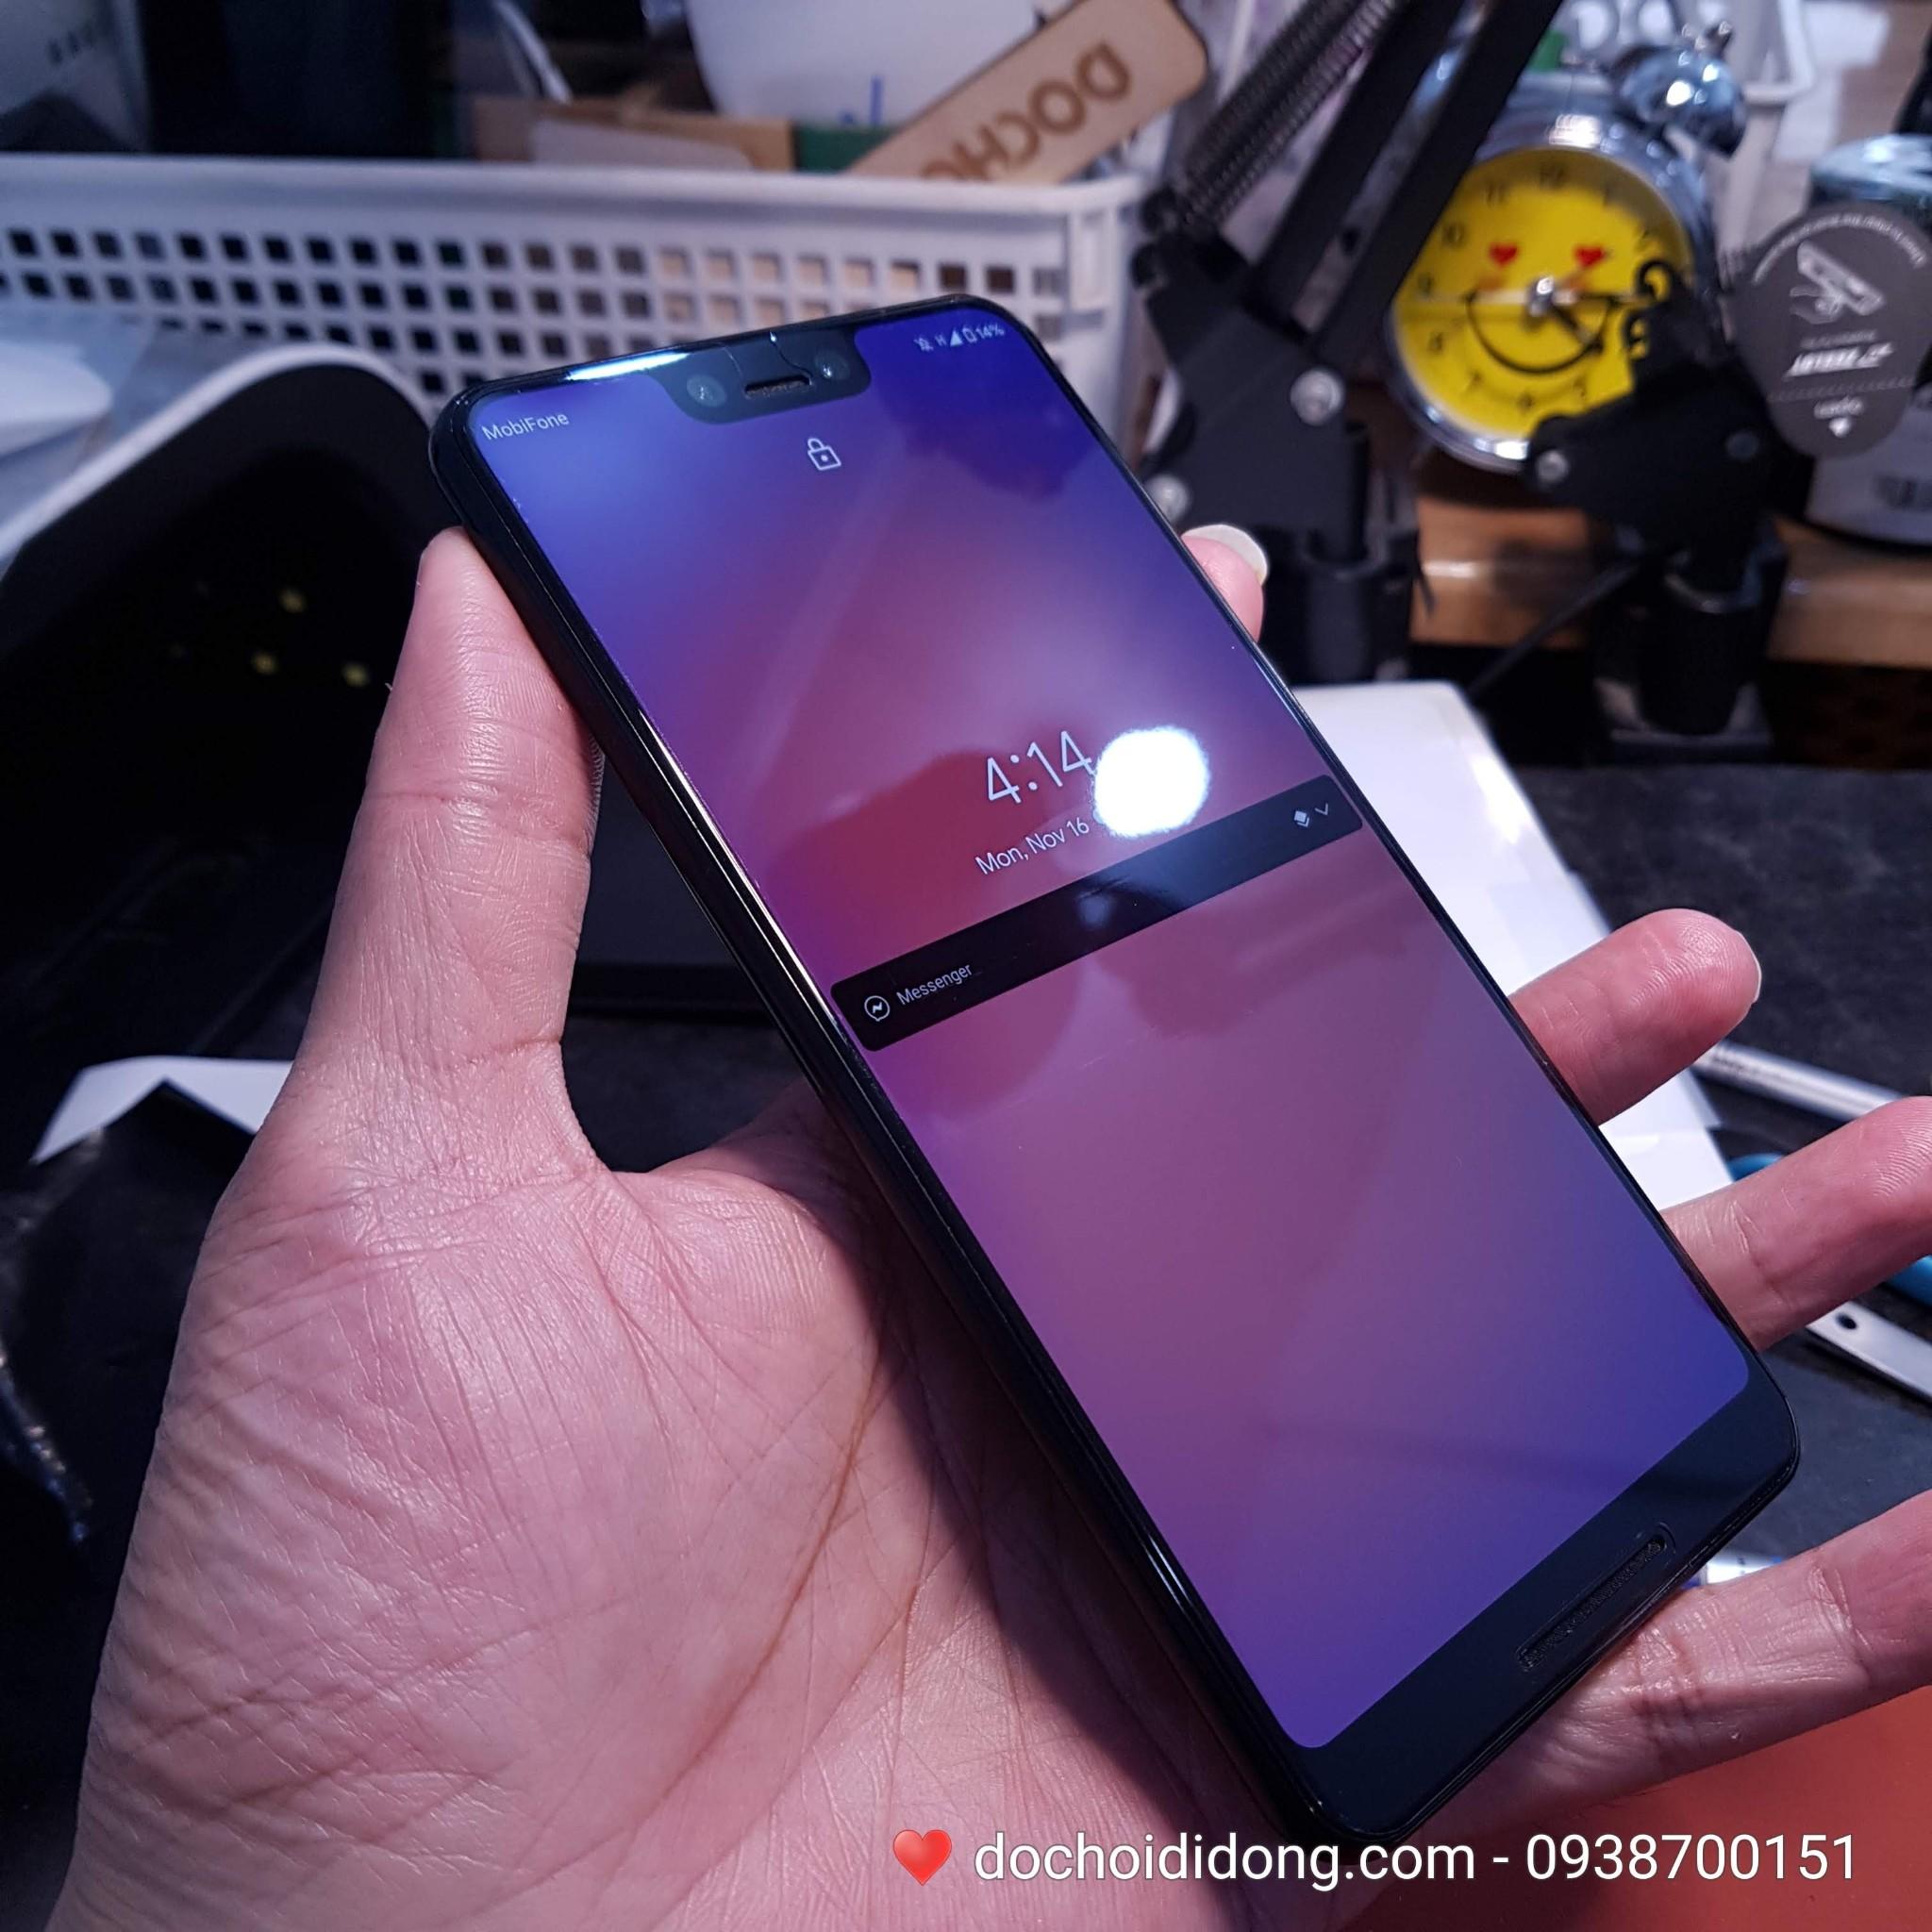 Miếng dán PPF Rock Google Pixel 3 XL trong, nhám, đổi màu cao cấp